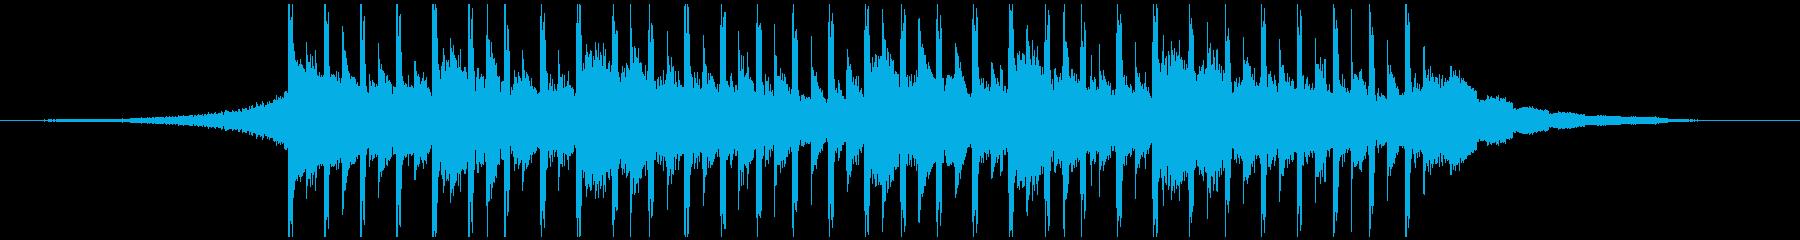 ビジネステクノロジー(ショート2)の再生済みの波形